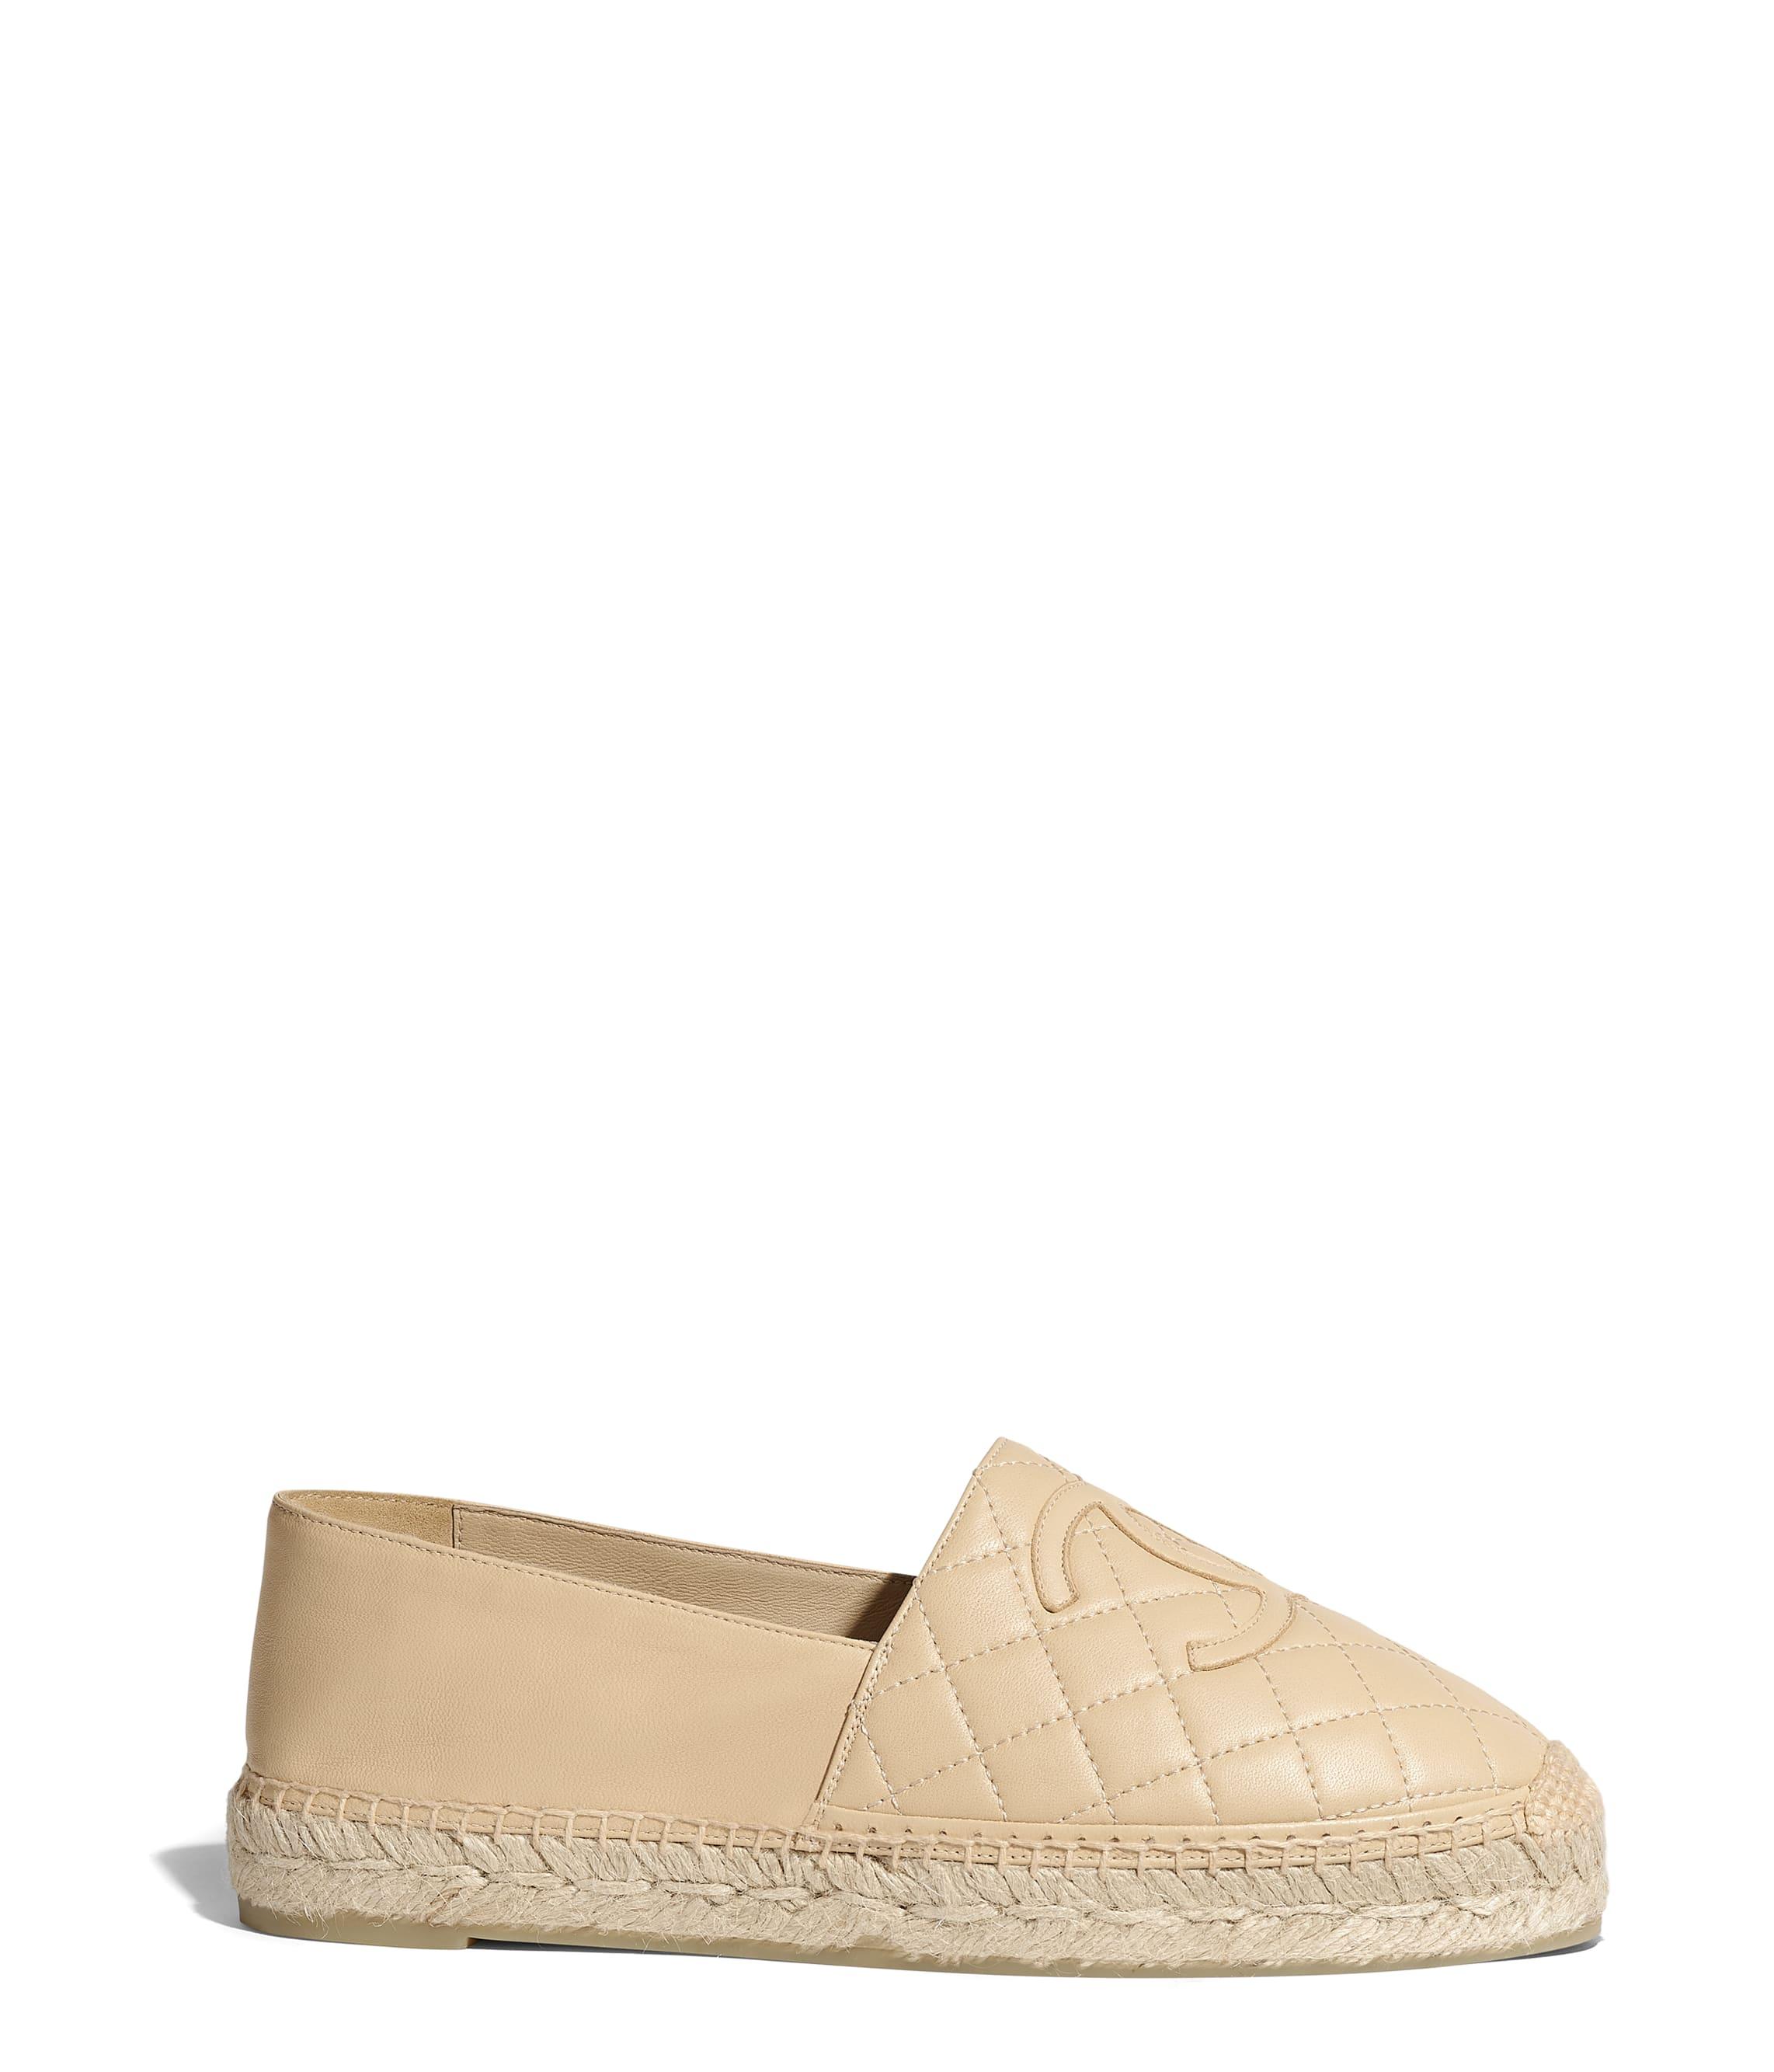 e6778cc332ef0 Espadrilles - Shoes - CHANEL